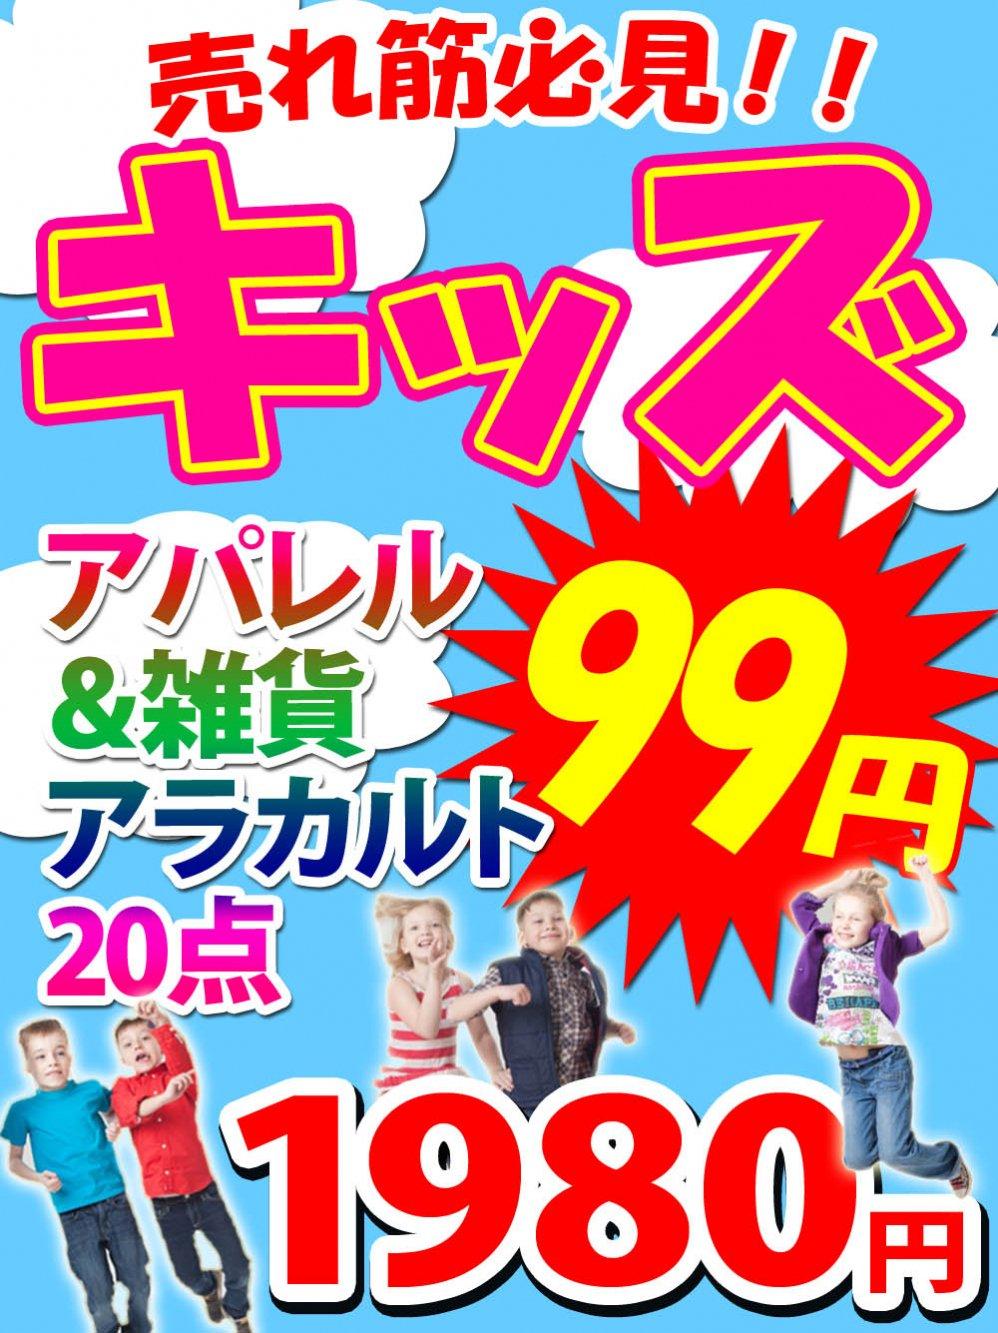 【売れ筋必見!】激安99円!キッズアパレル&雑貨アラカルト!20点【1980円】